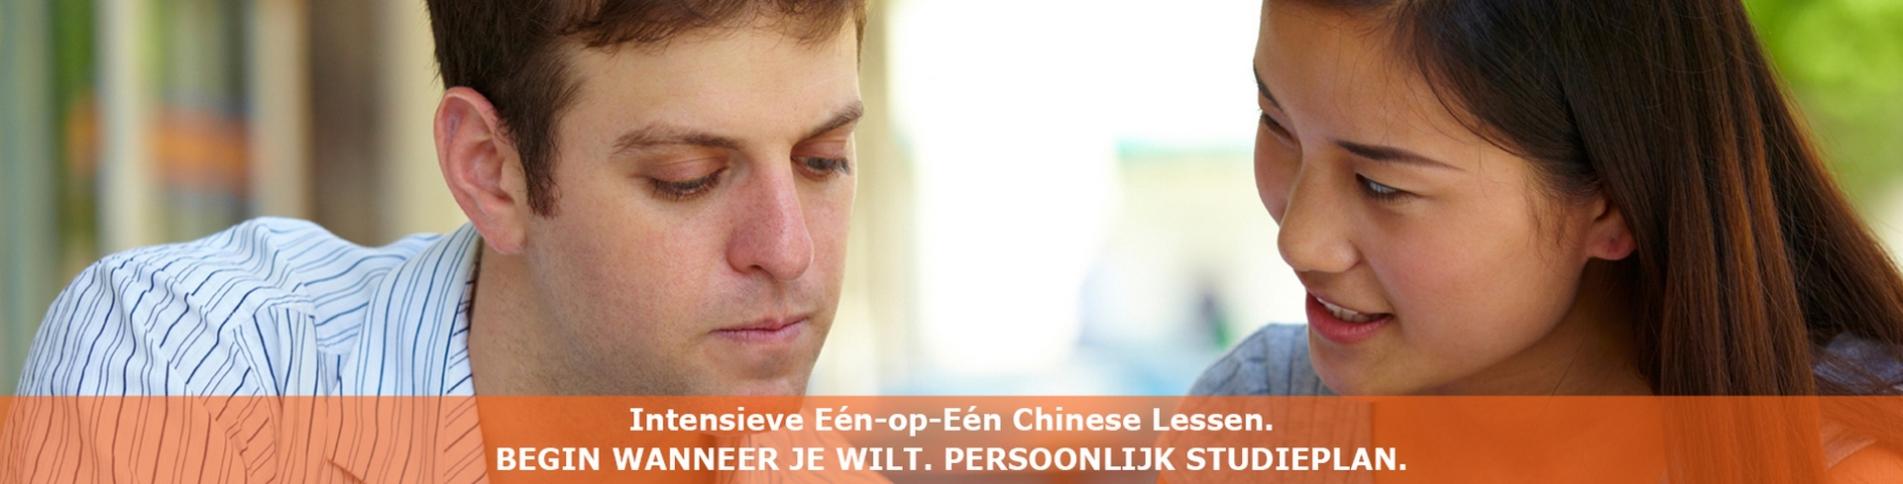 Chinees Chinese  Les Leren onderwijs cursus taal Gooi Vecht Eem Baarn Eemnes Laren Blaricum